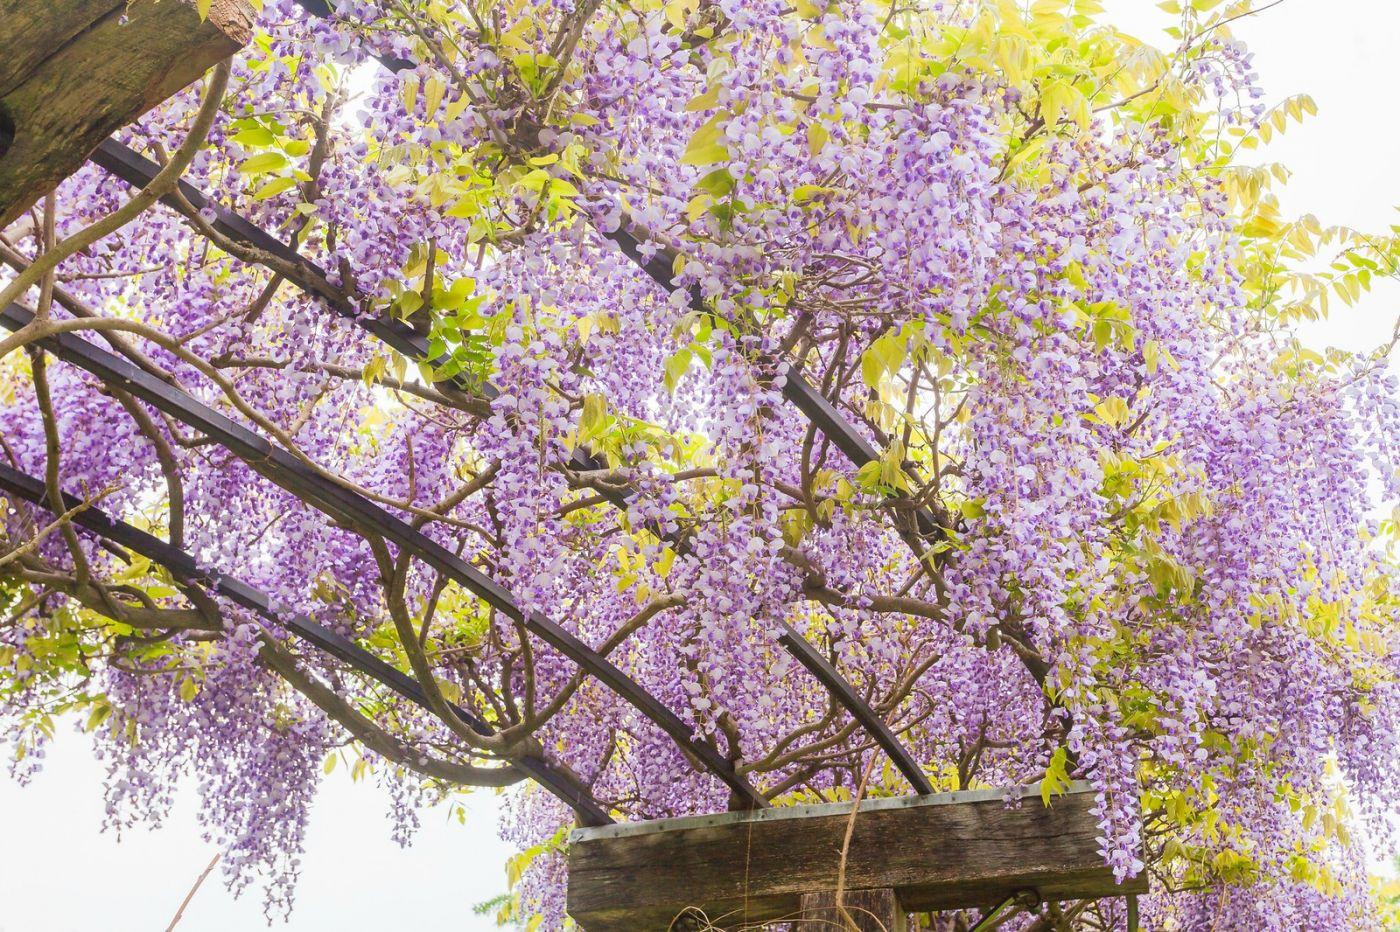 紫藤花相遇在春天_图1-20